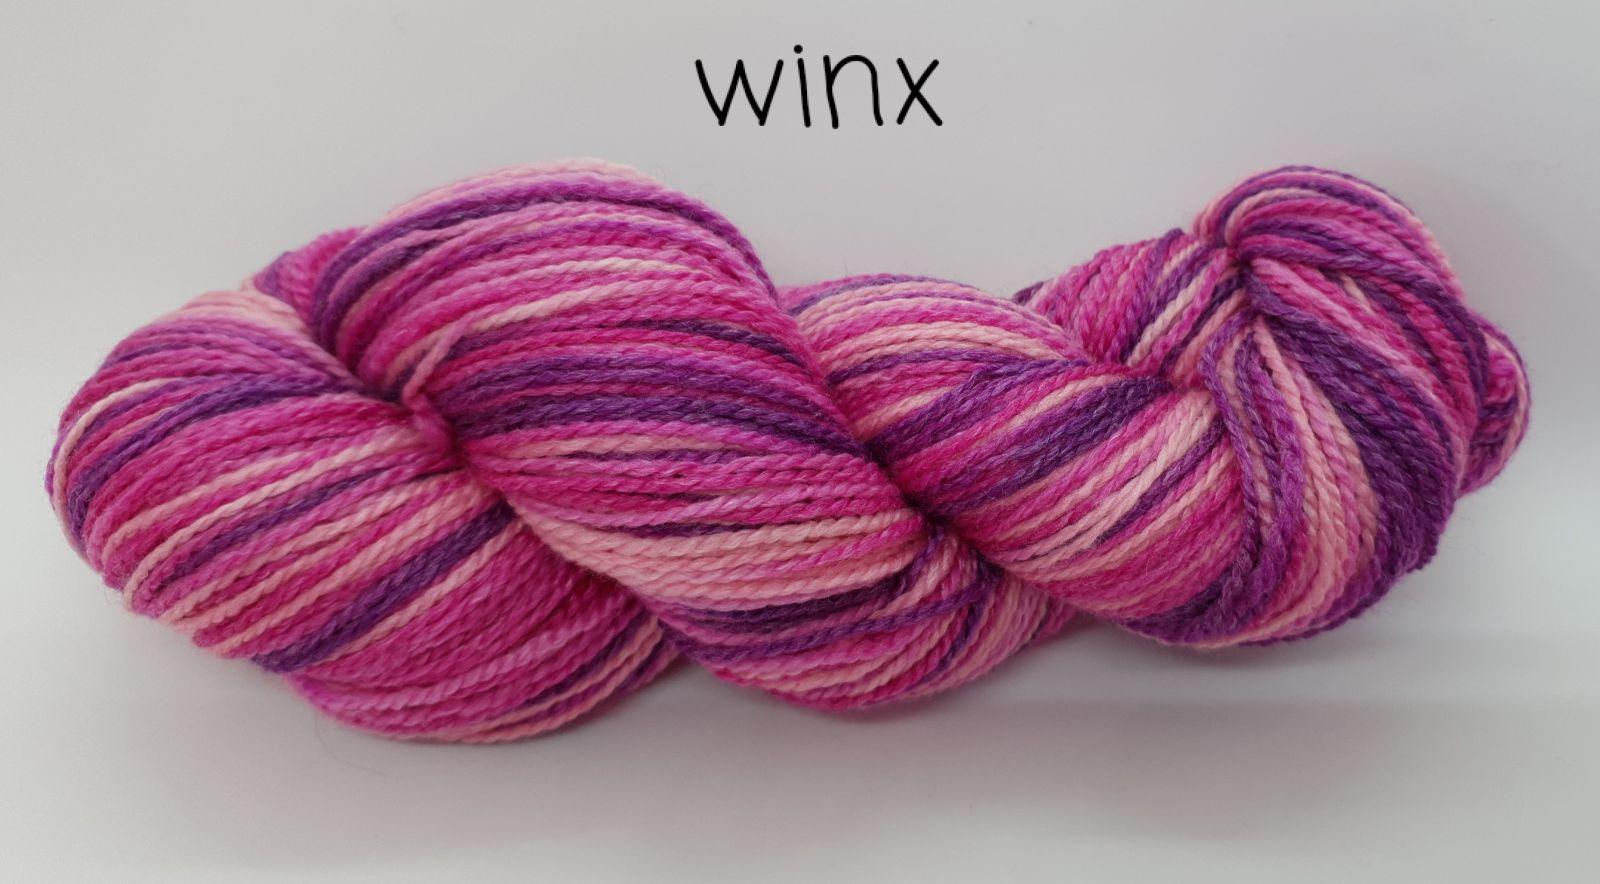 Winx Sock Yarn